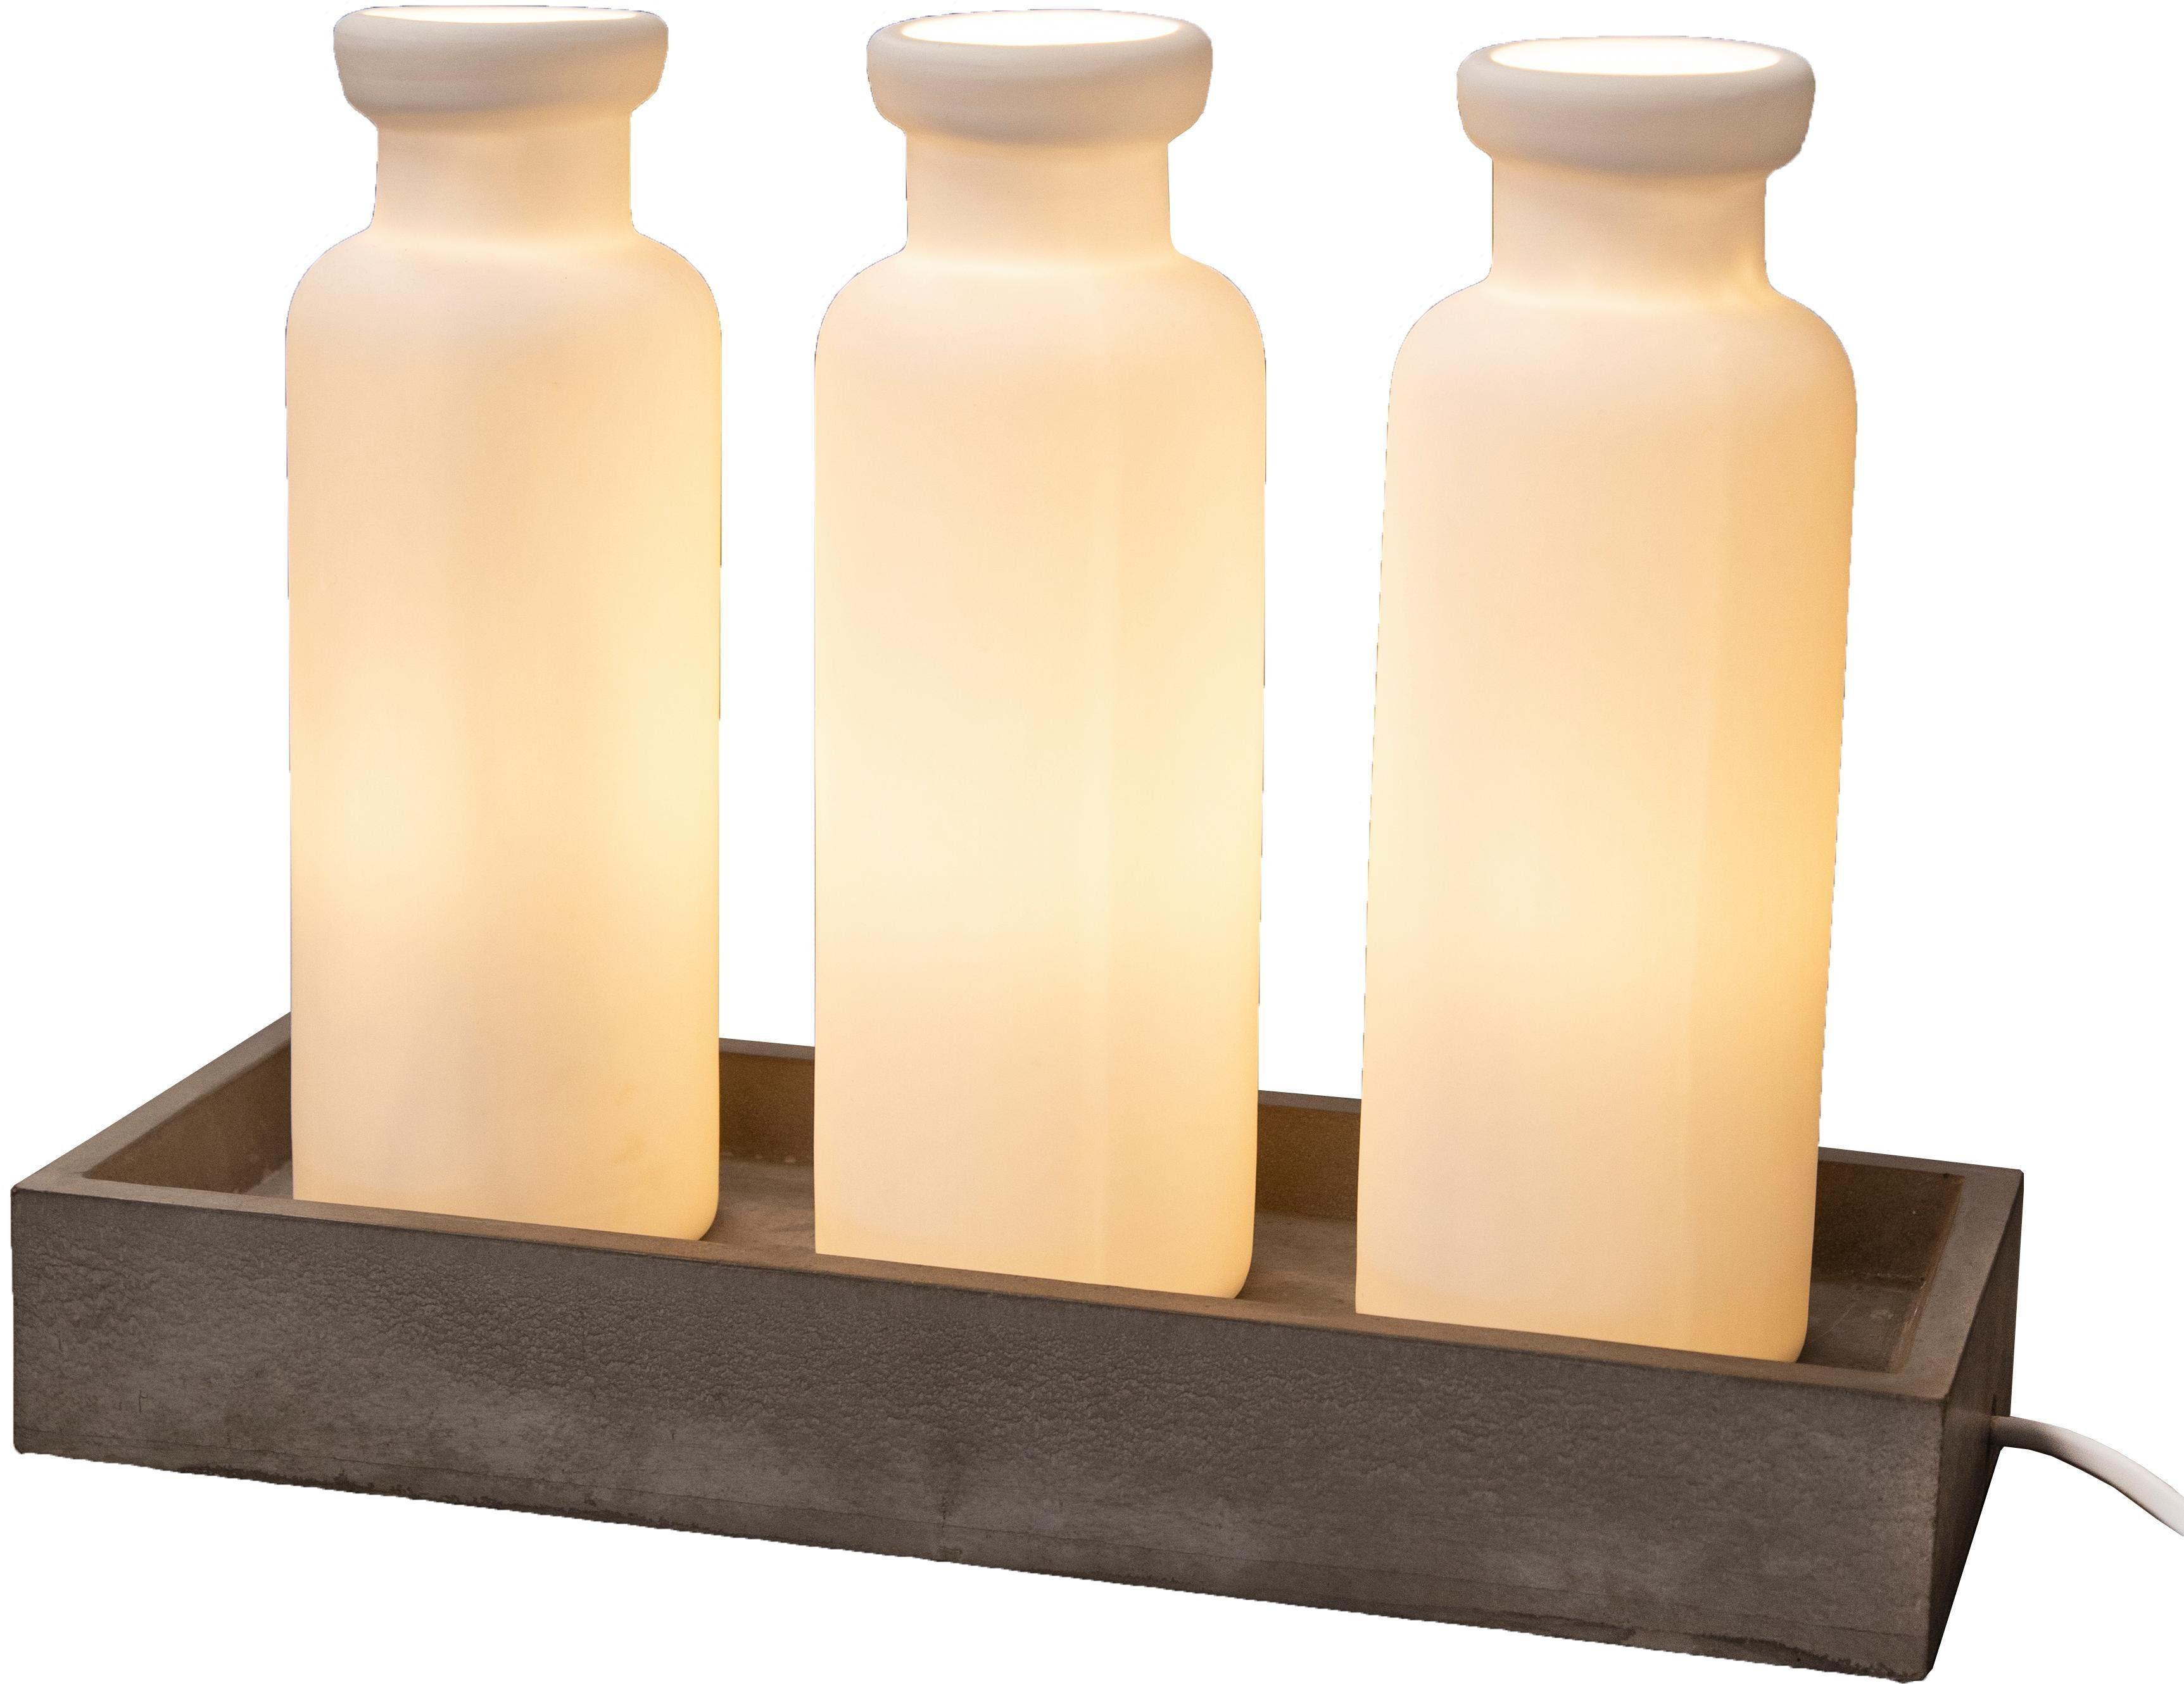 Nino Leuchten,Tischleuchte Botella   Lampen > Tischleuchten > Beistelltischlampen   Nino Leuchten